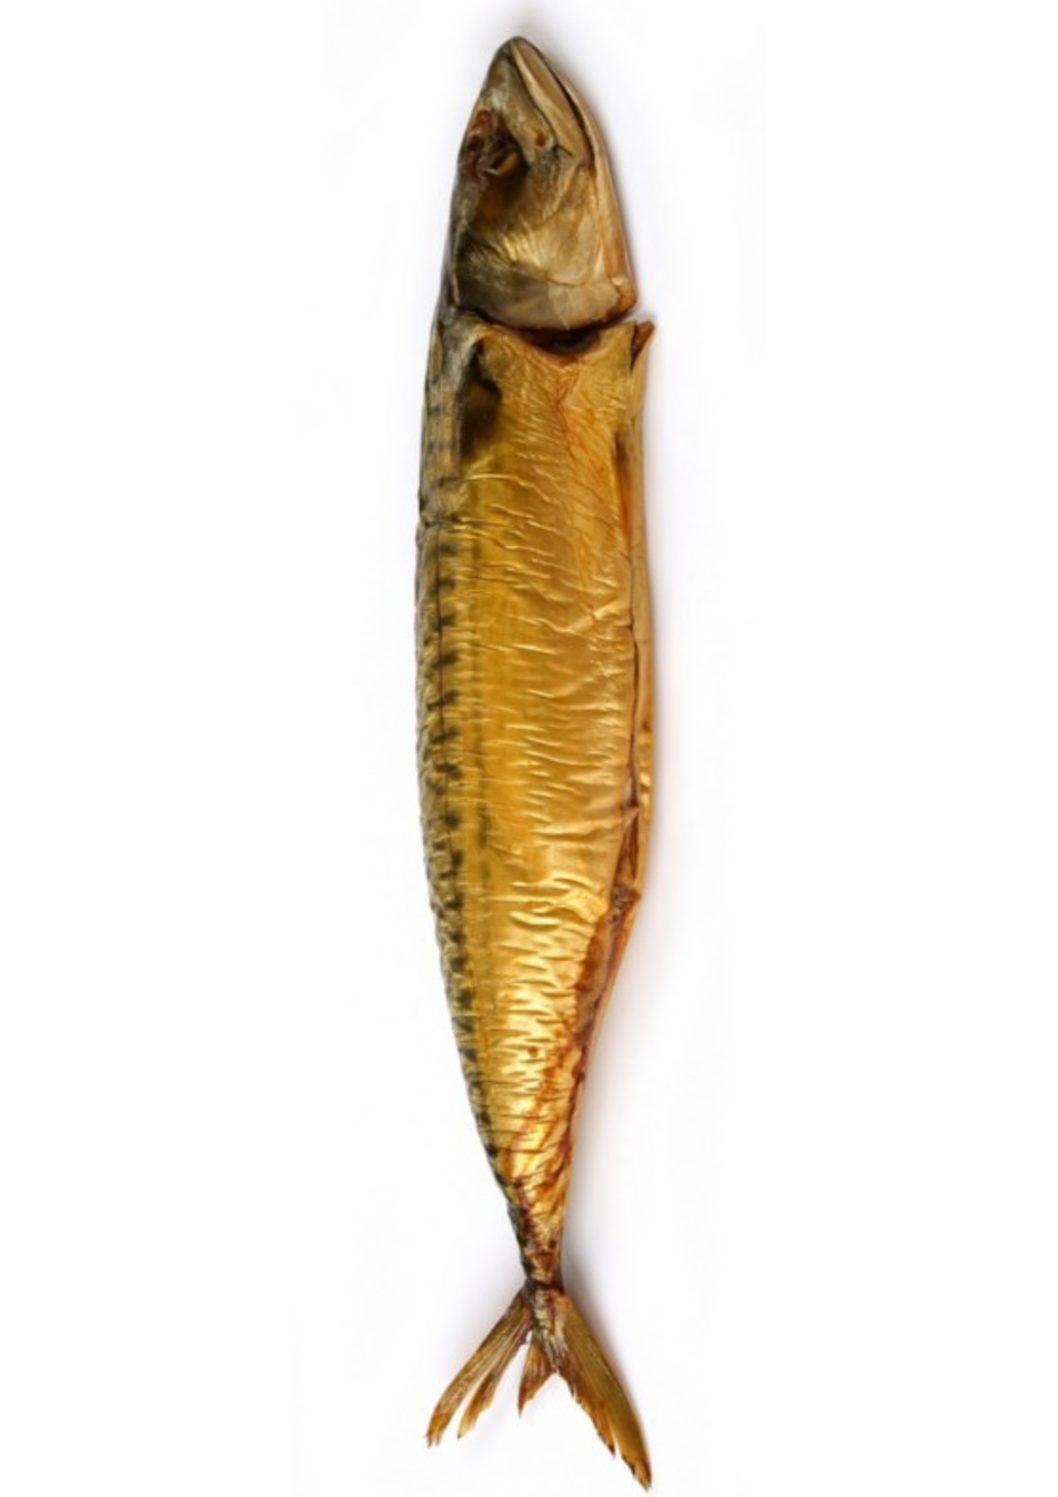 Gerookte makreel gehele  /stuk